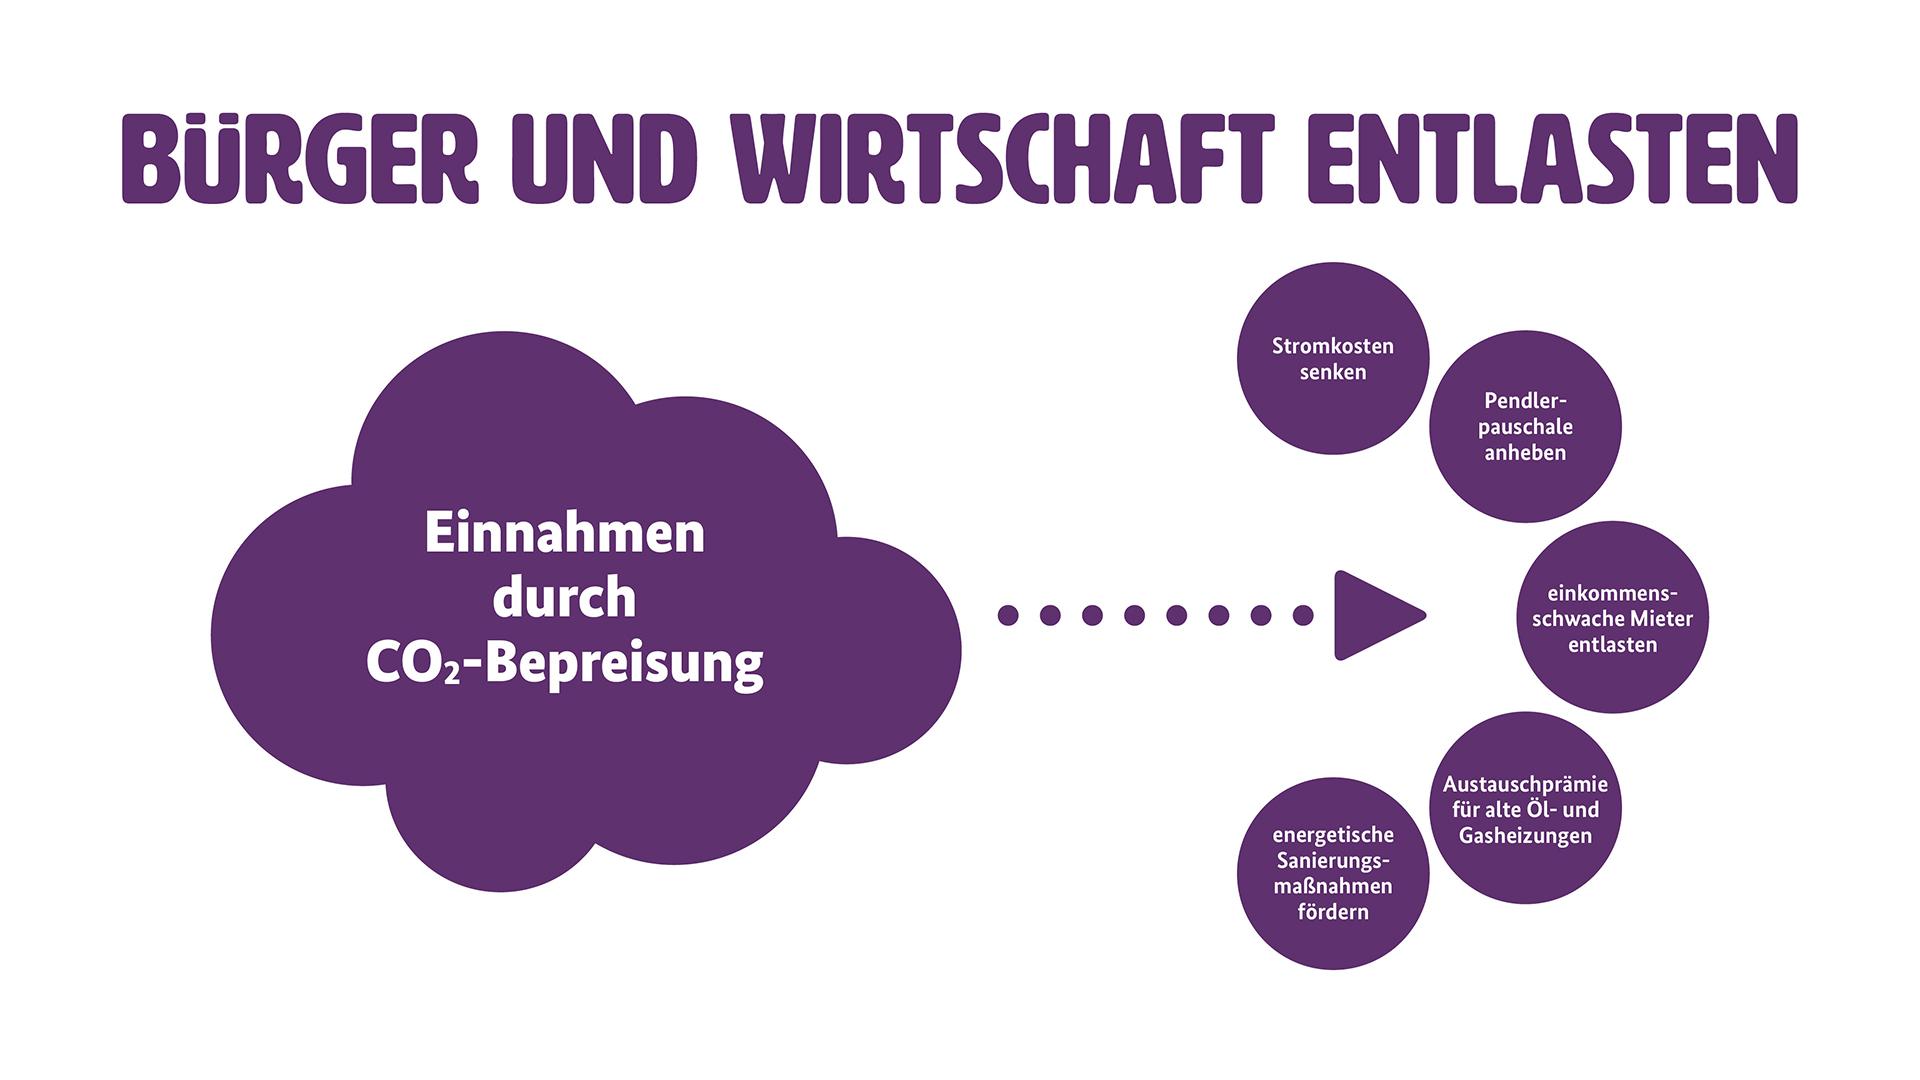 """Grafik zur Entlastung von Wirtschaft und Bürgern (Weitere Beschreibung unterhalb des Bildes ausklappbar als """"ausführliche Beschreibung"""")"""